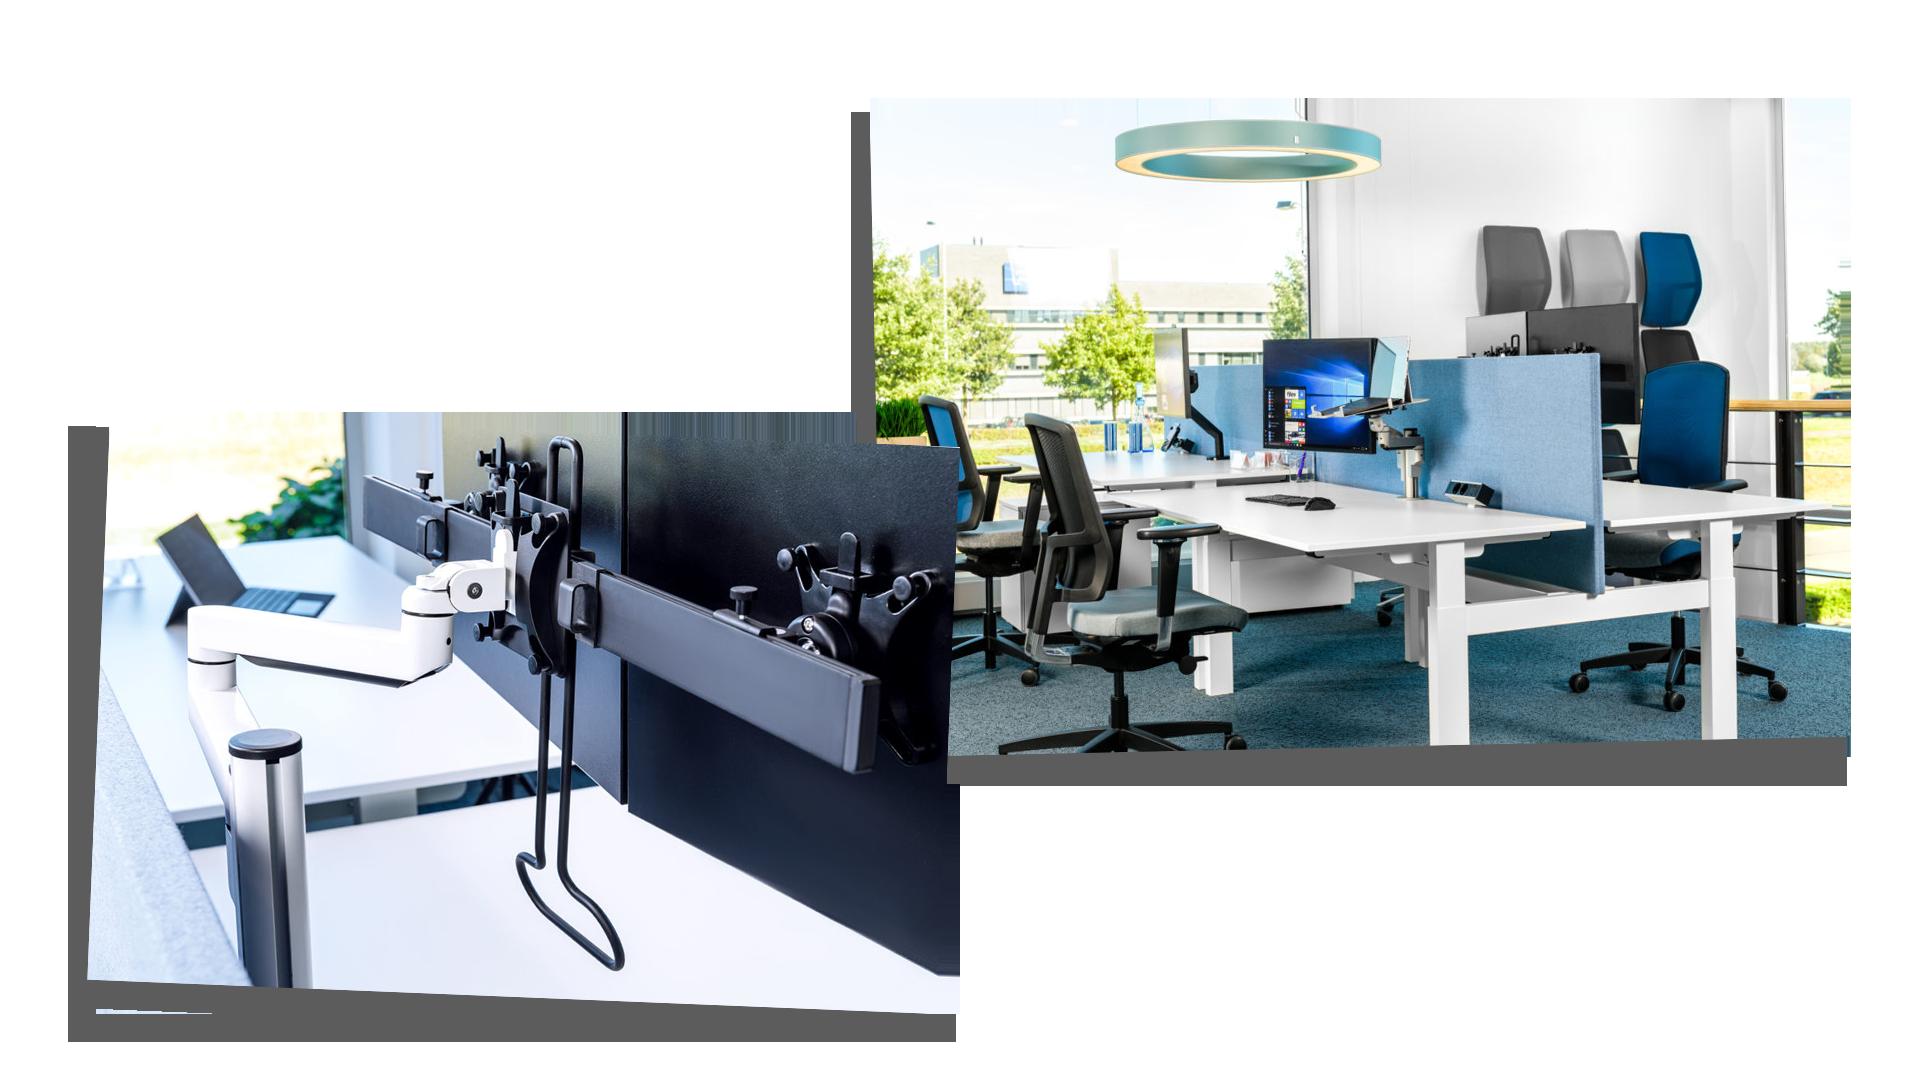 Monitorarm, werkplek, akoestiek, bureaustoel, zit sta bureau